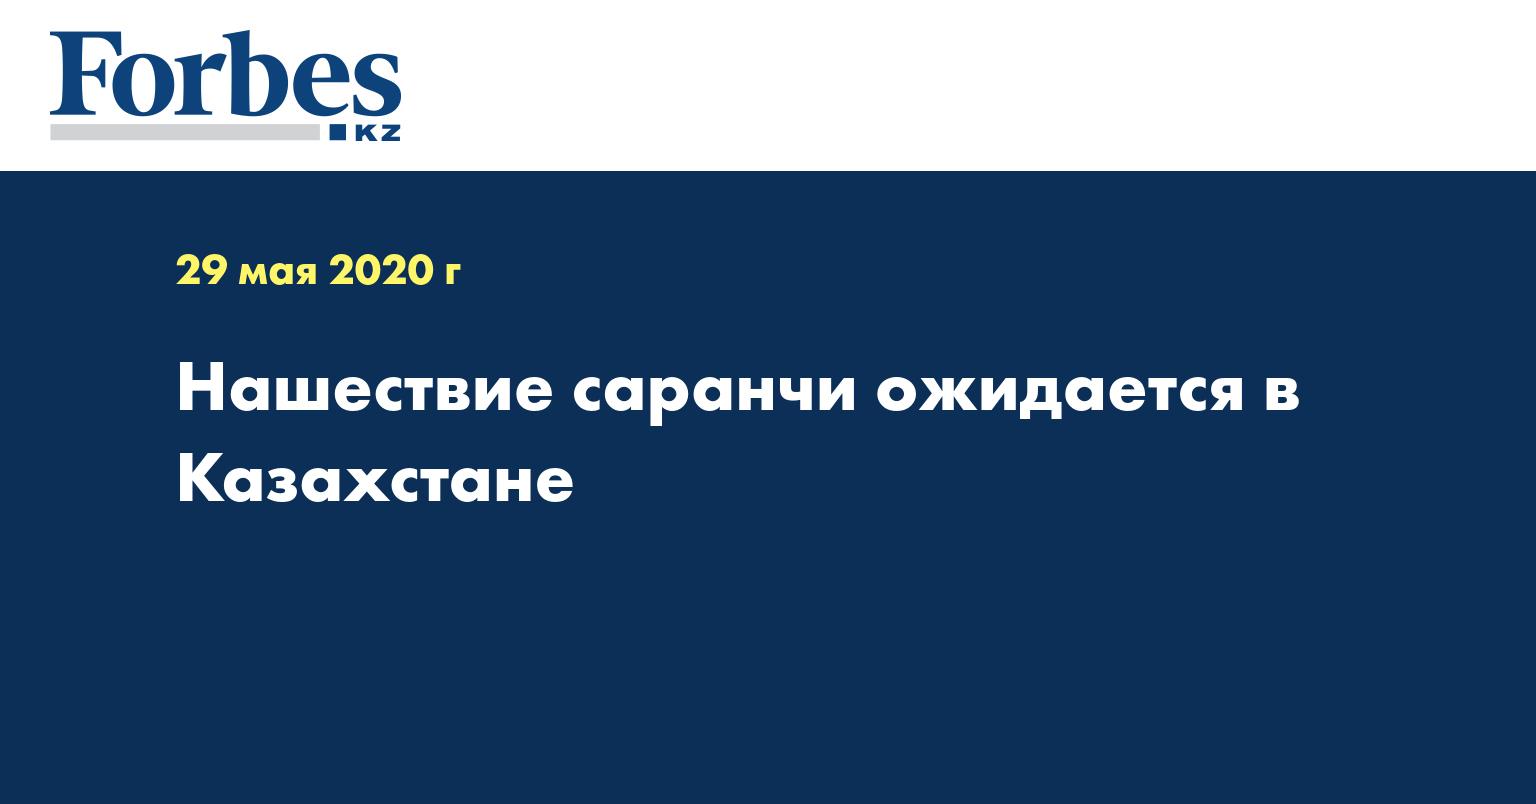 Нашествие саранчи ожидается в Казахстане